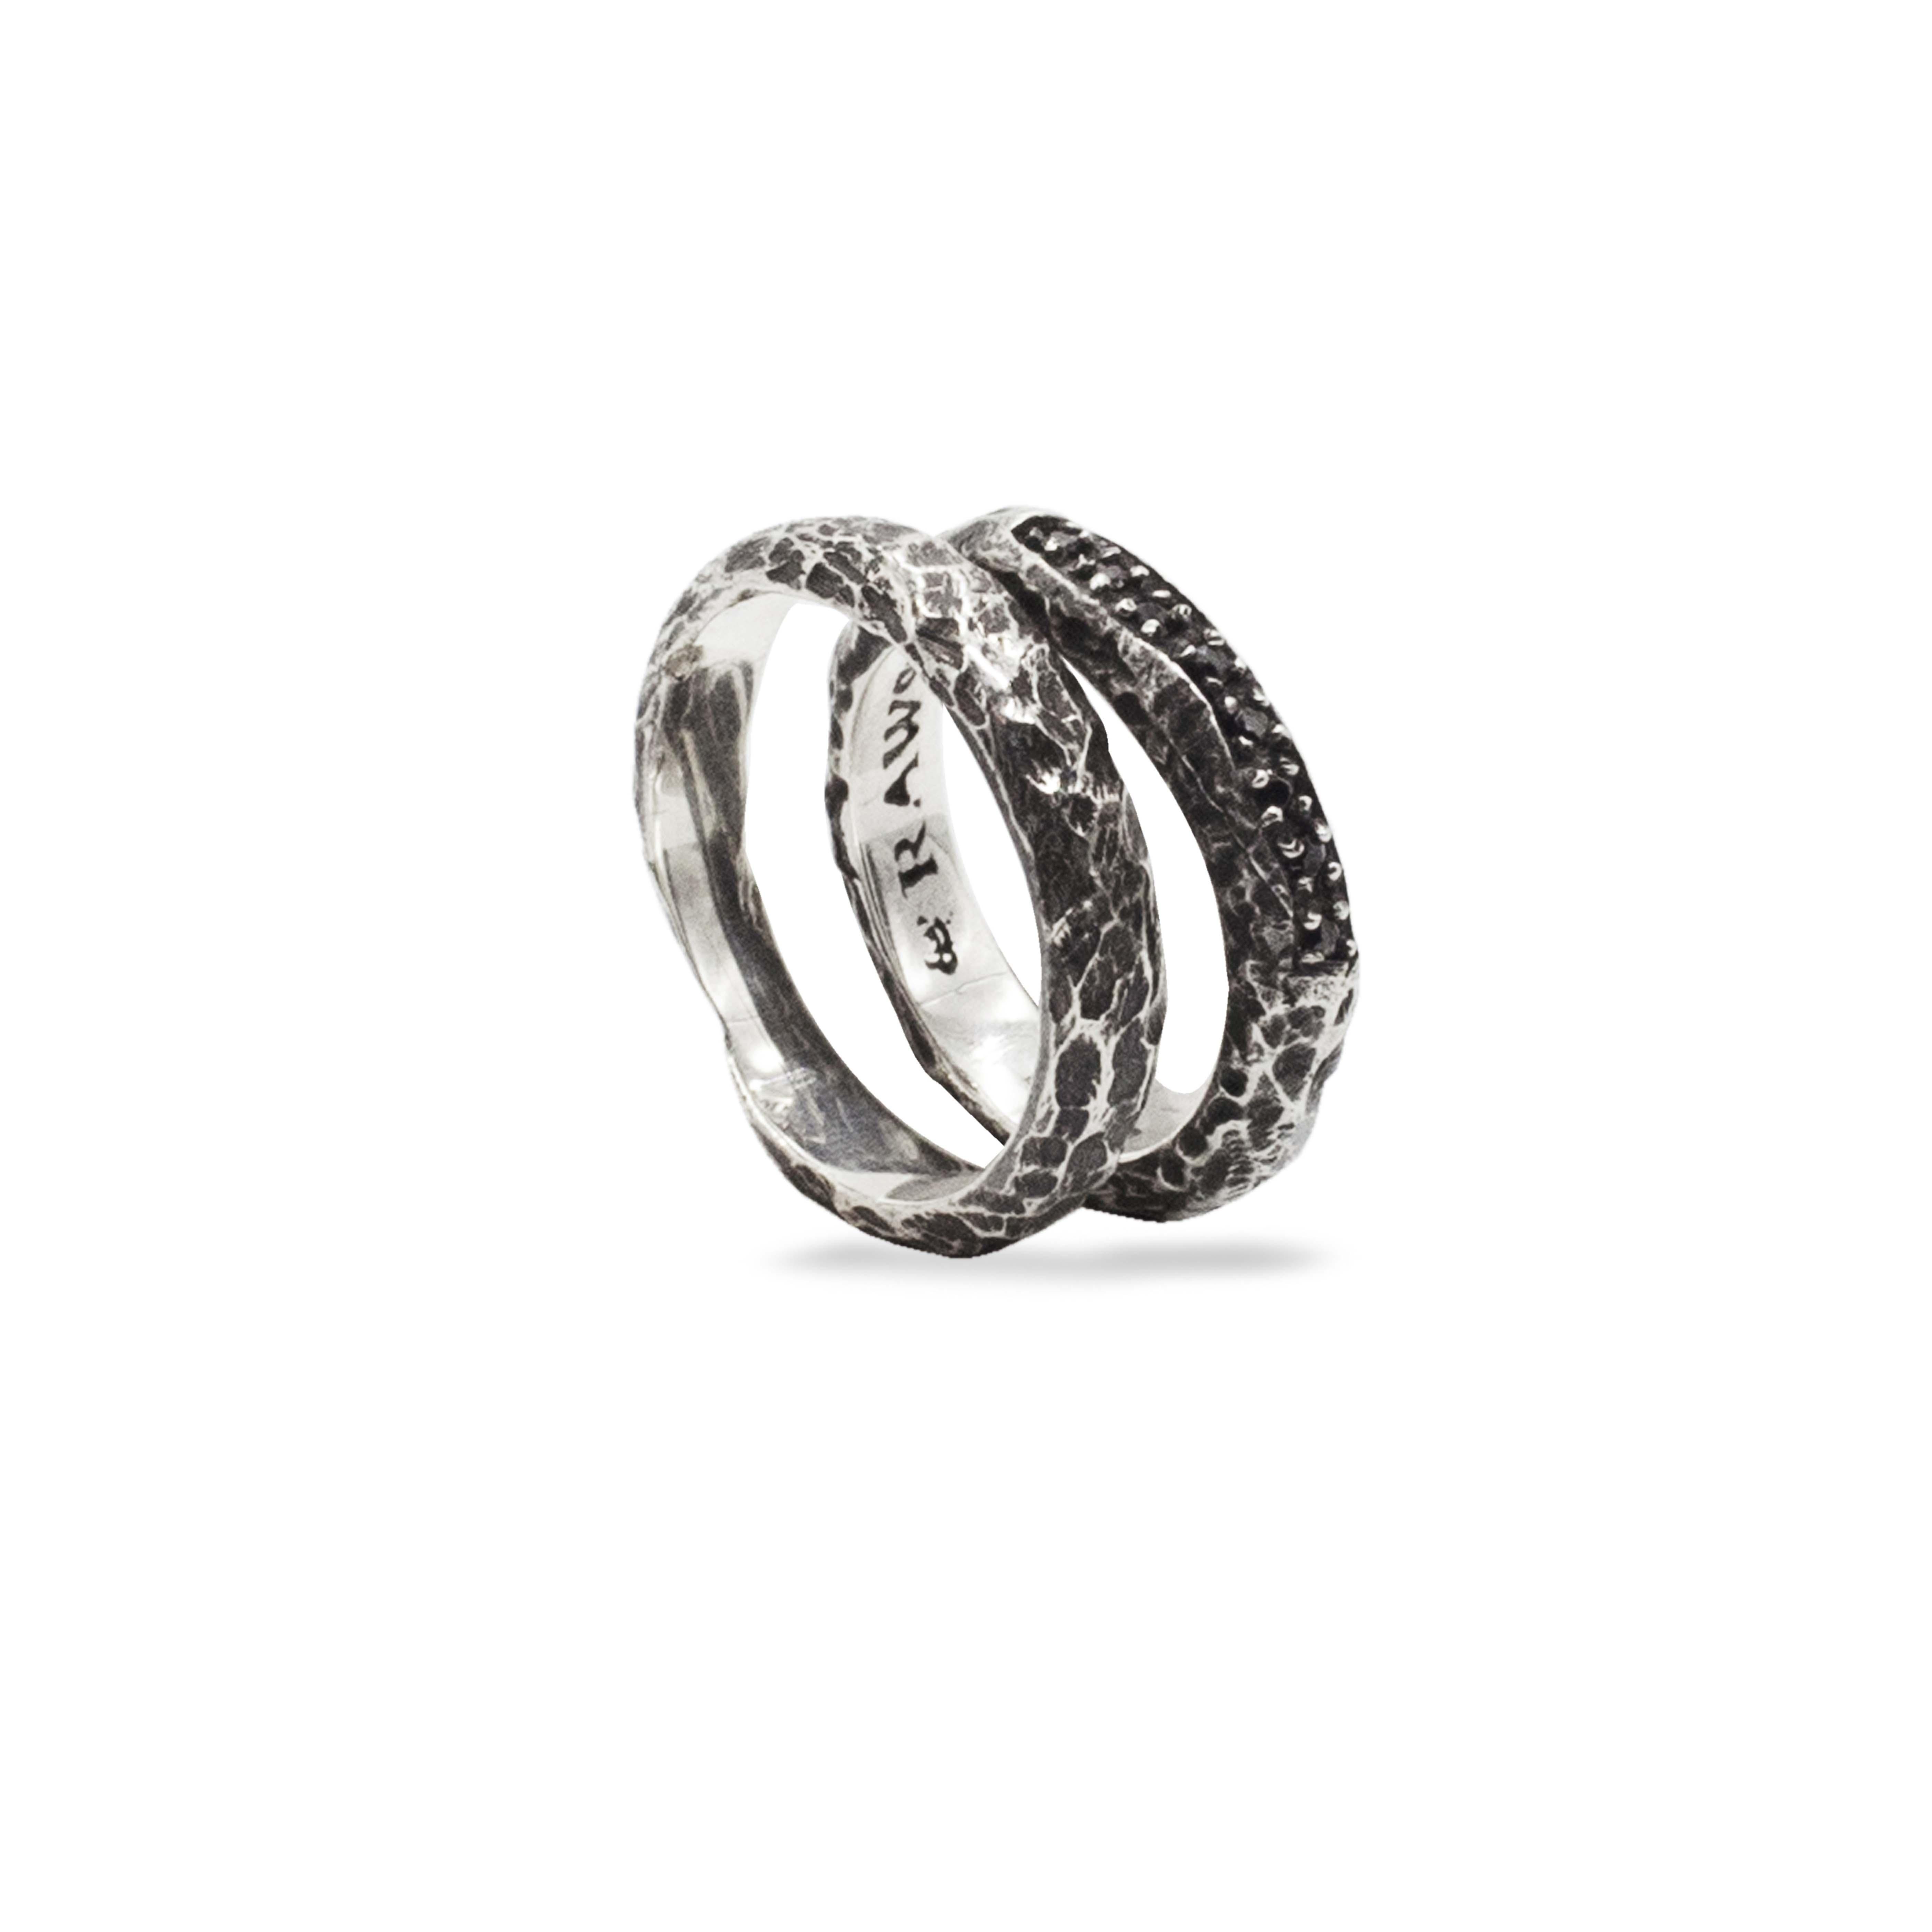 coppia di anelli in argento 925 con zirconi neri Rawsen